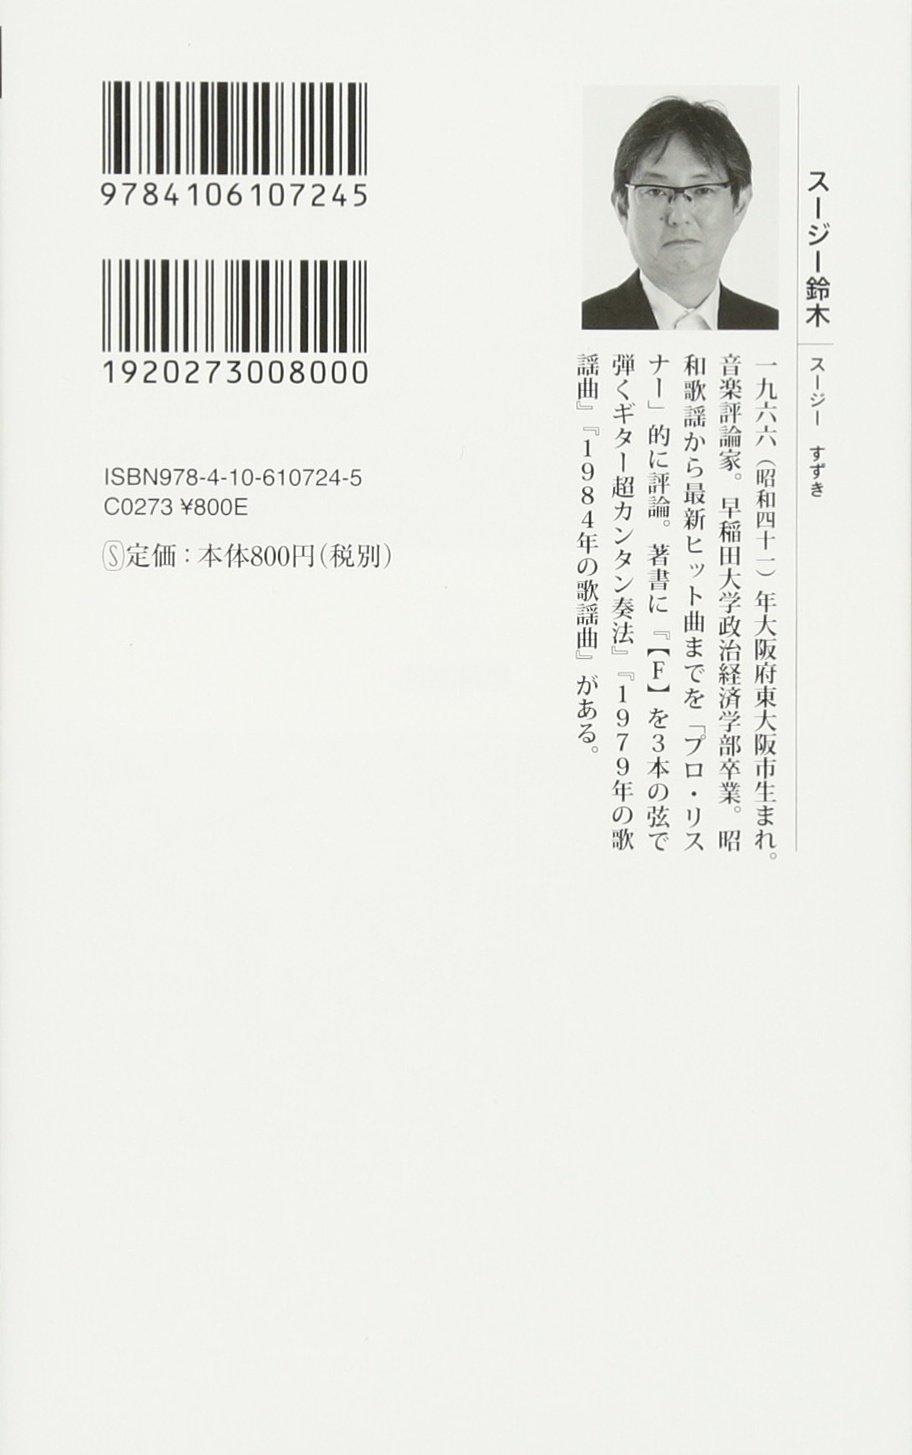 鈴木 スージー 今年は林哲司を迎えて2時間生放送!ラジオ版「ザ・カセットテープ・ミュージック」5月30日(土)24時00分~JFN系列にて